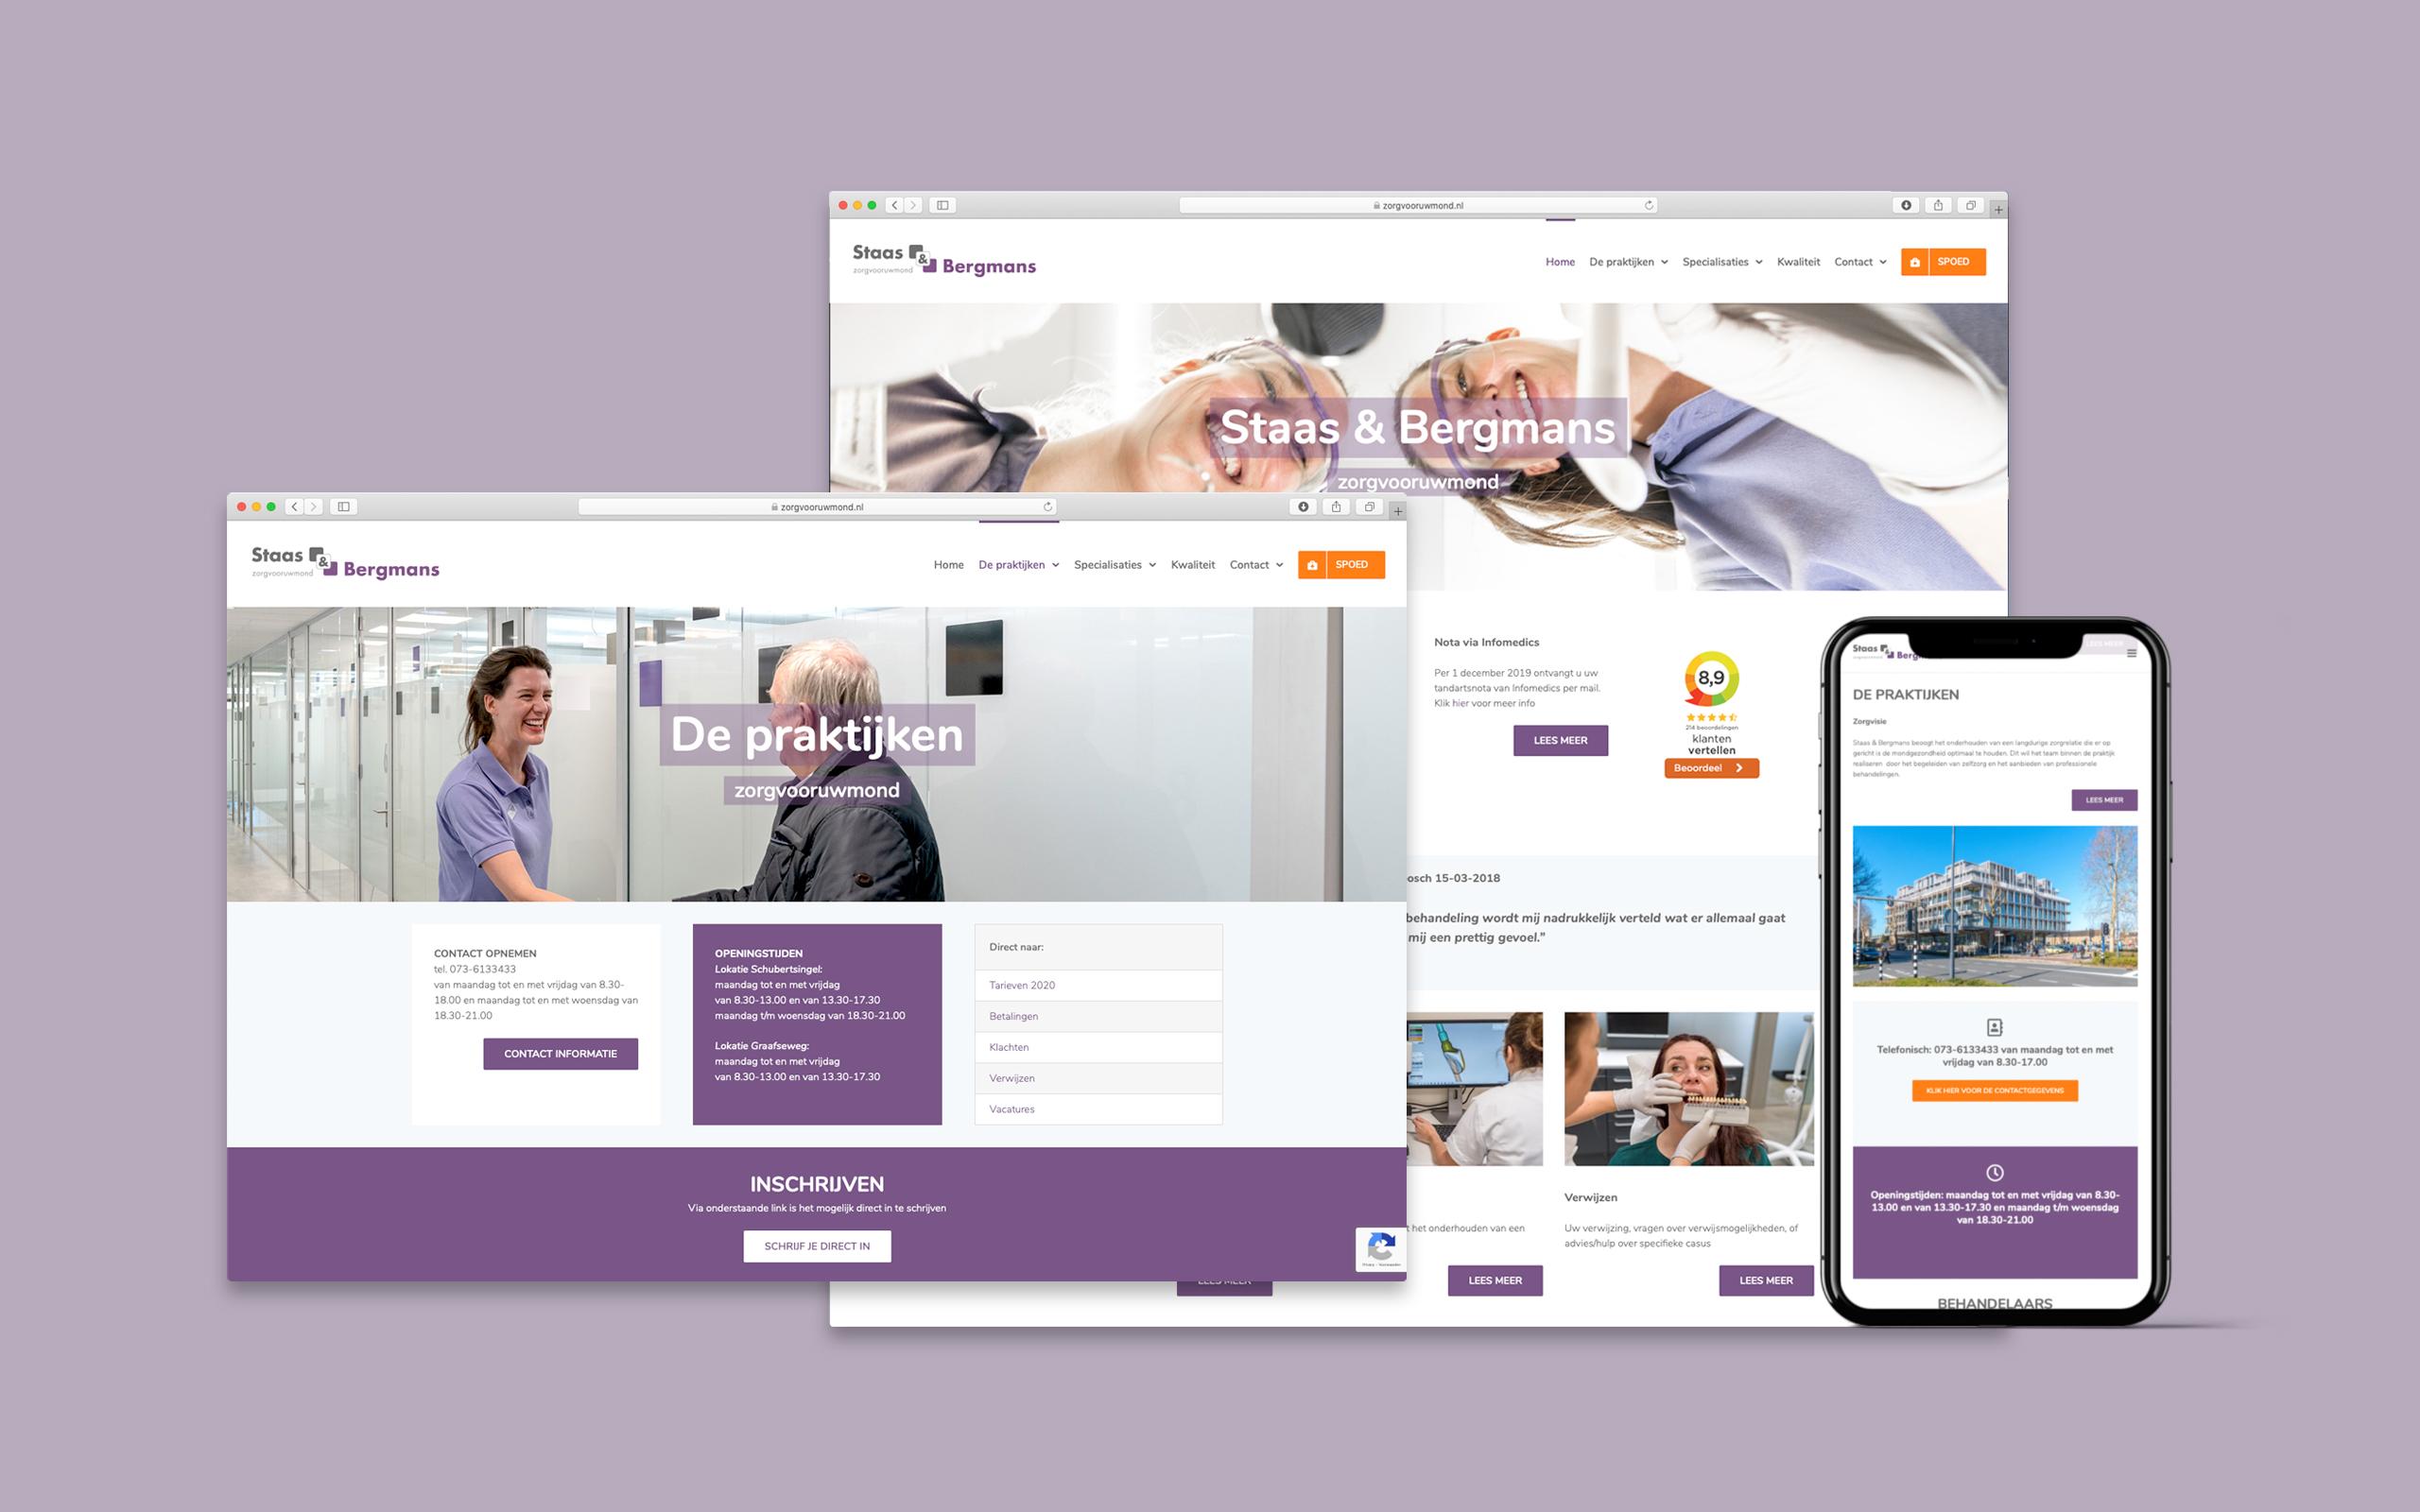 Website zorgvooruwmond.nl